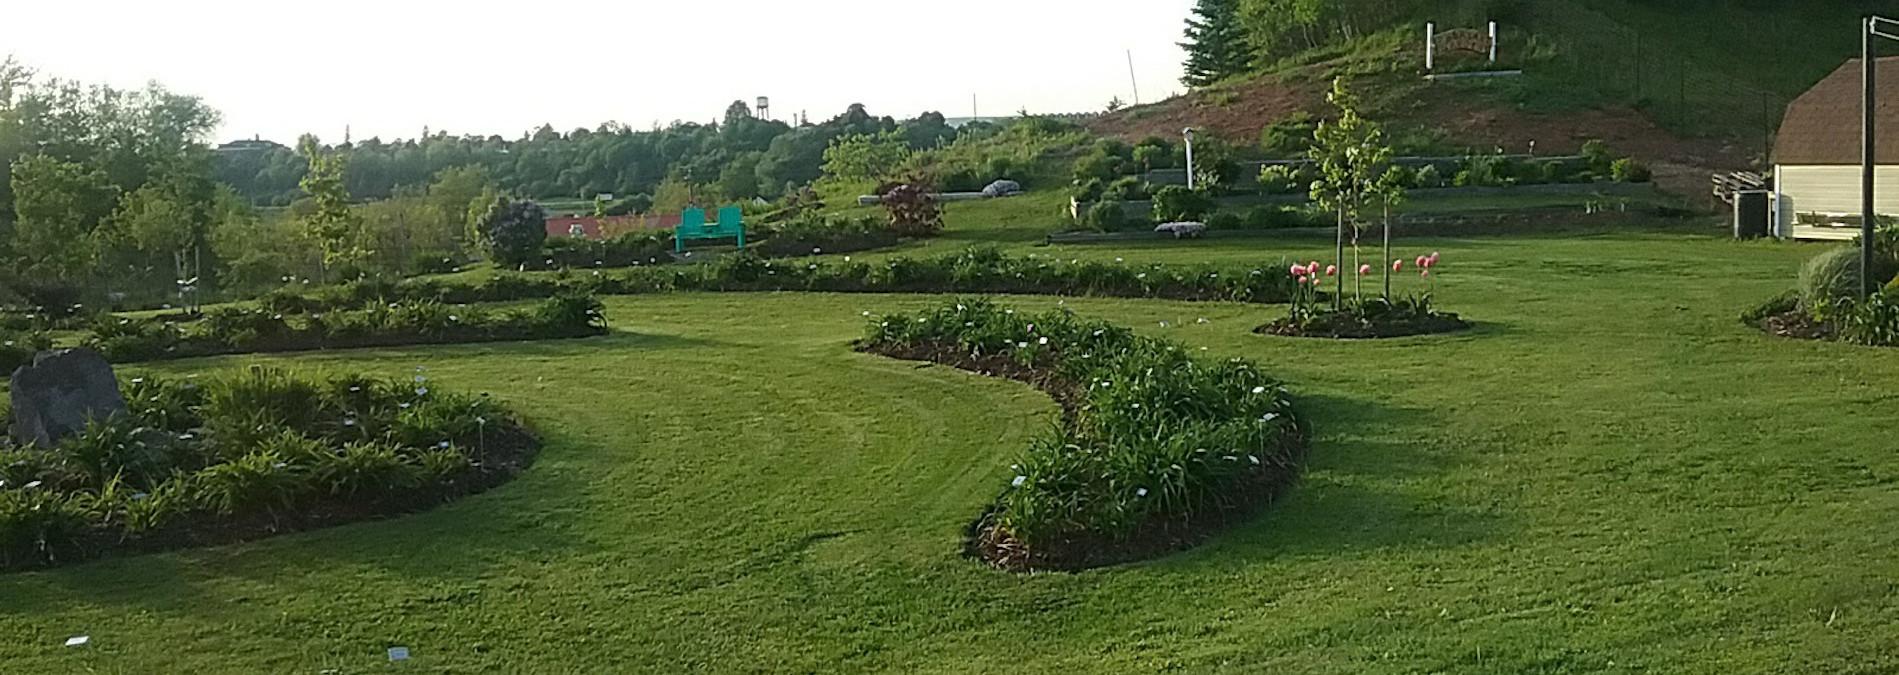 pheasant-gardens-garden-view-675px